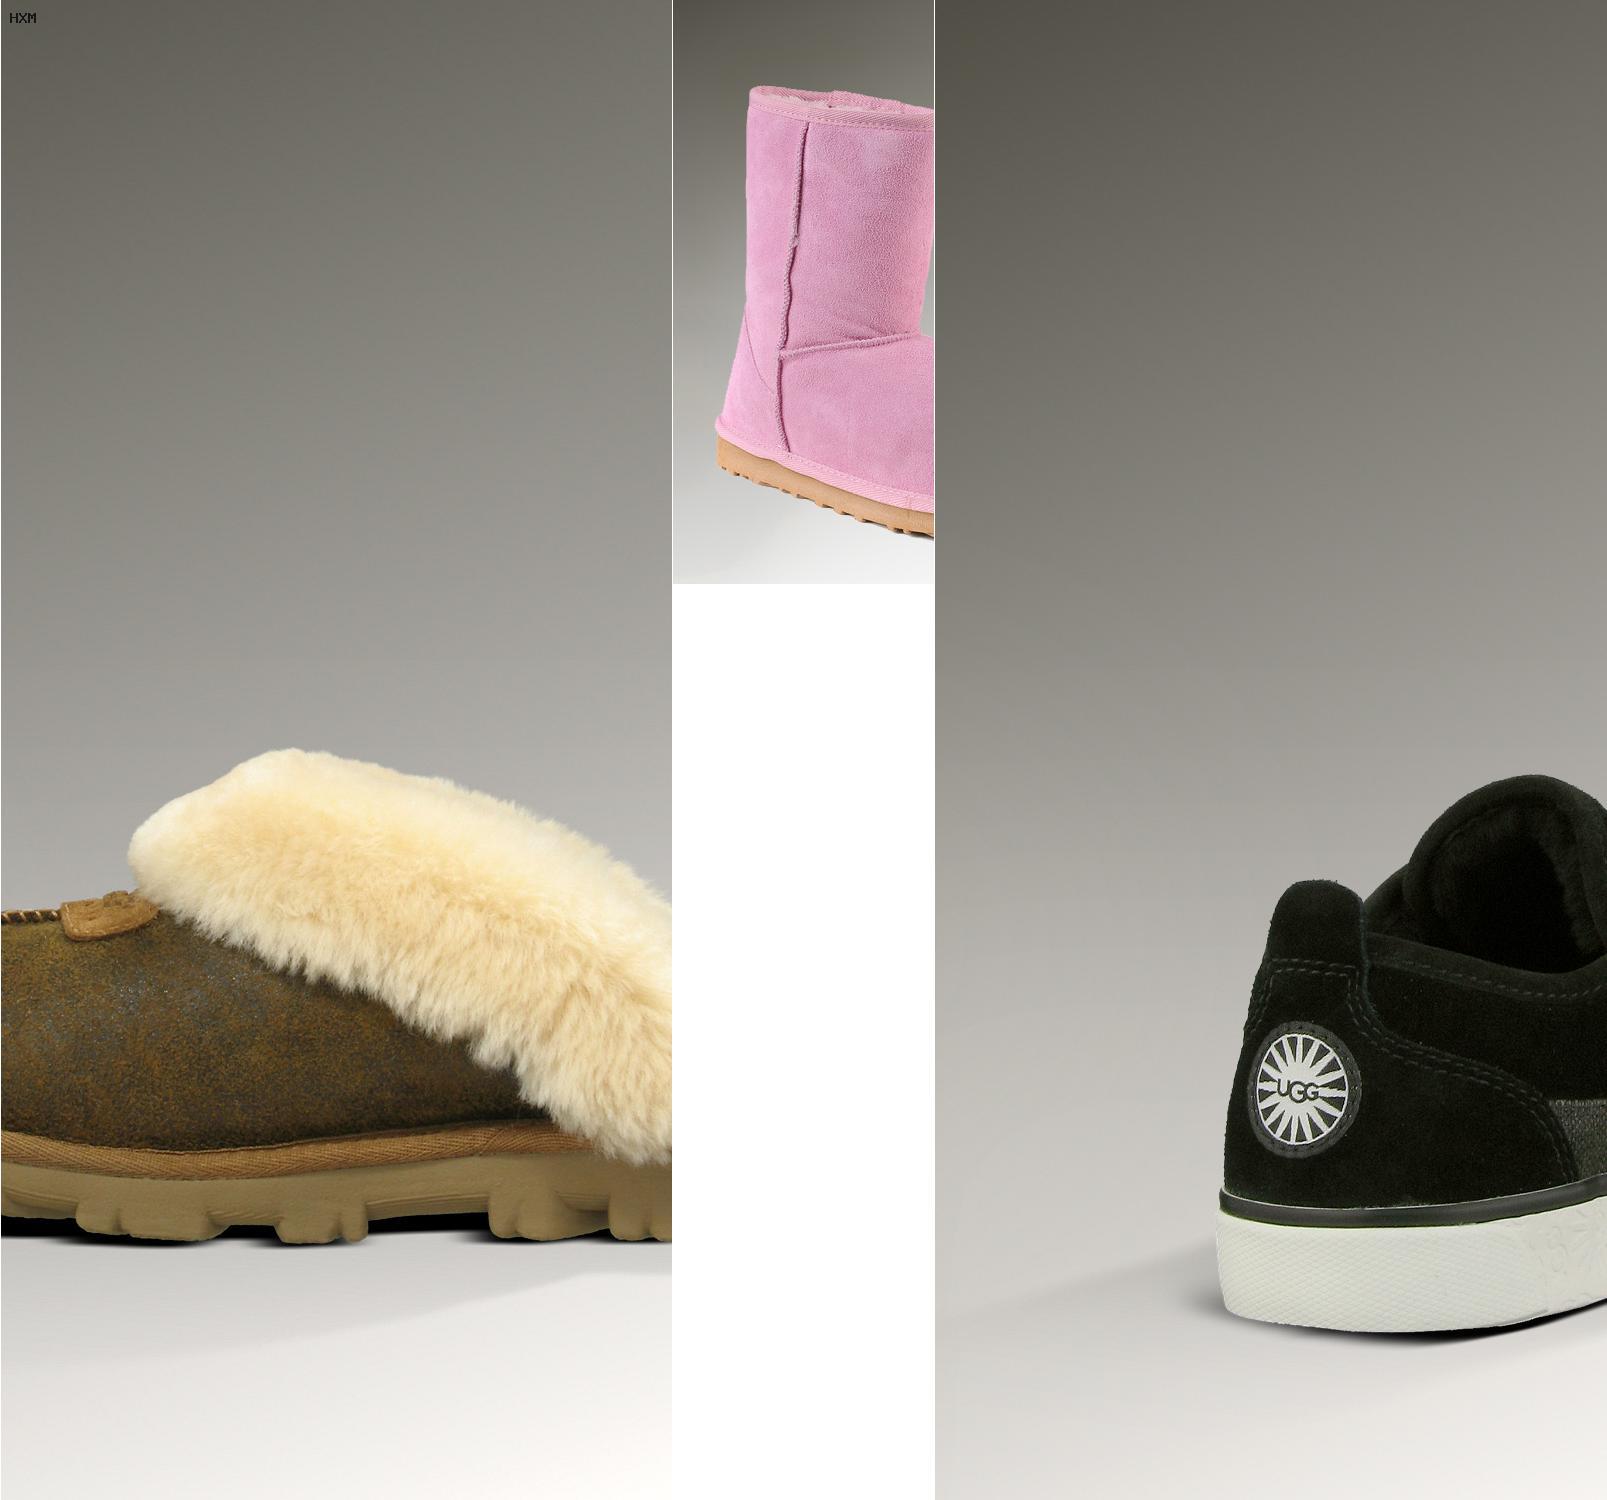 venta de botas ugg en madrid